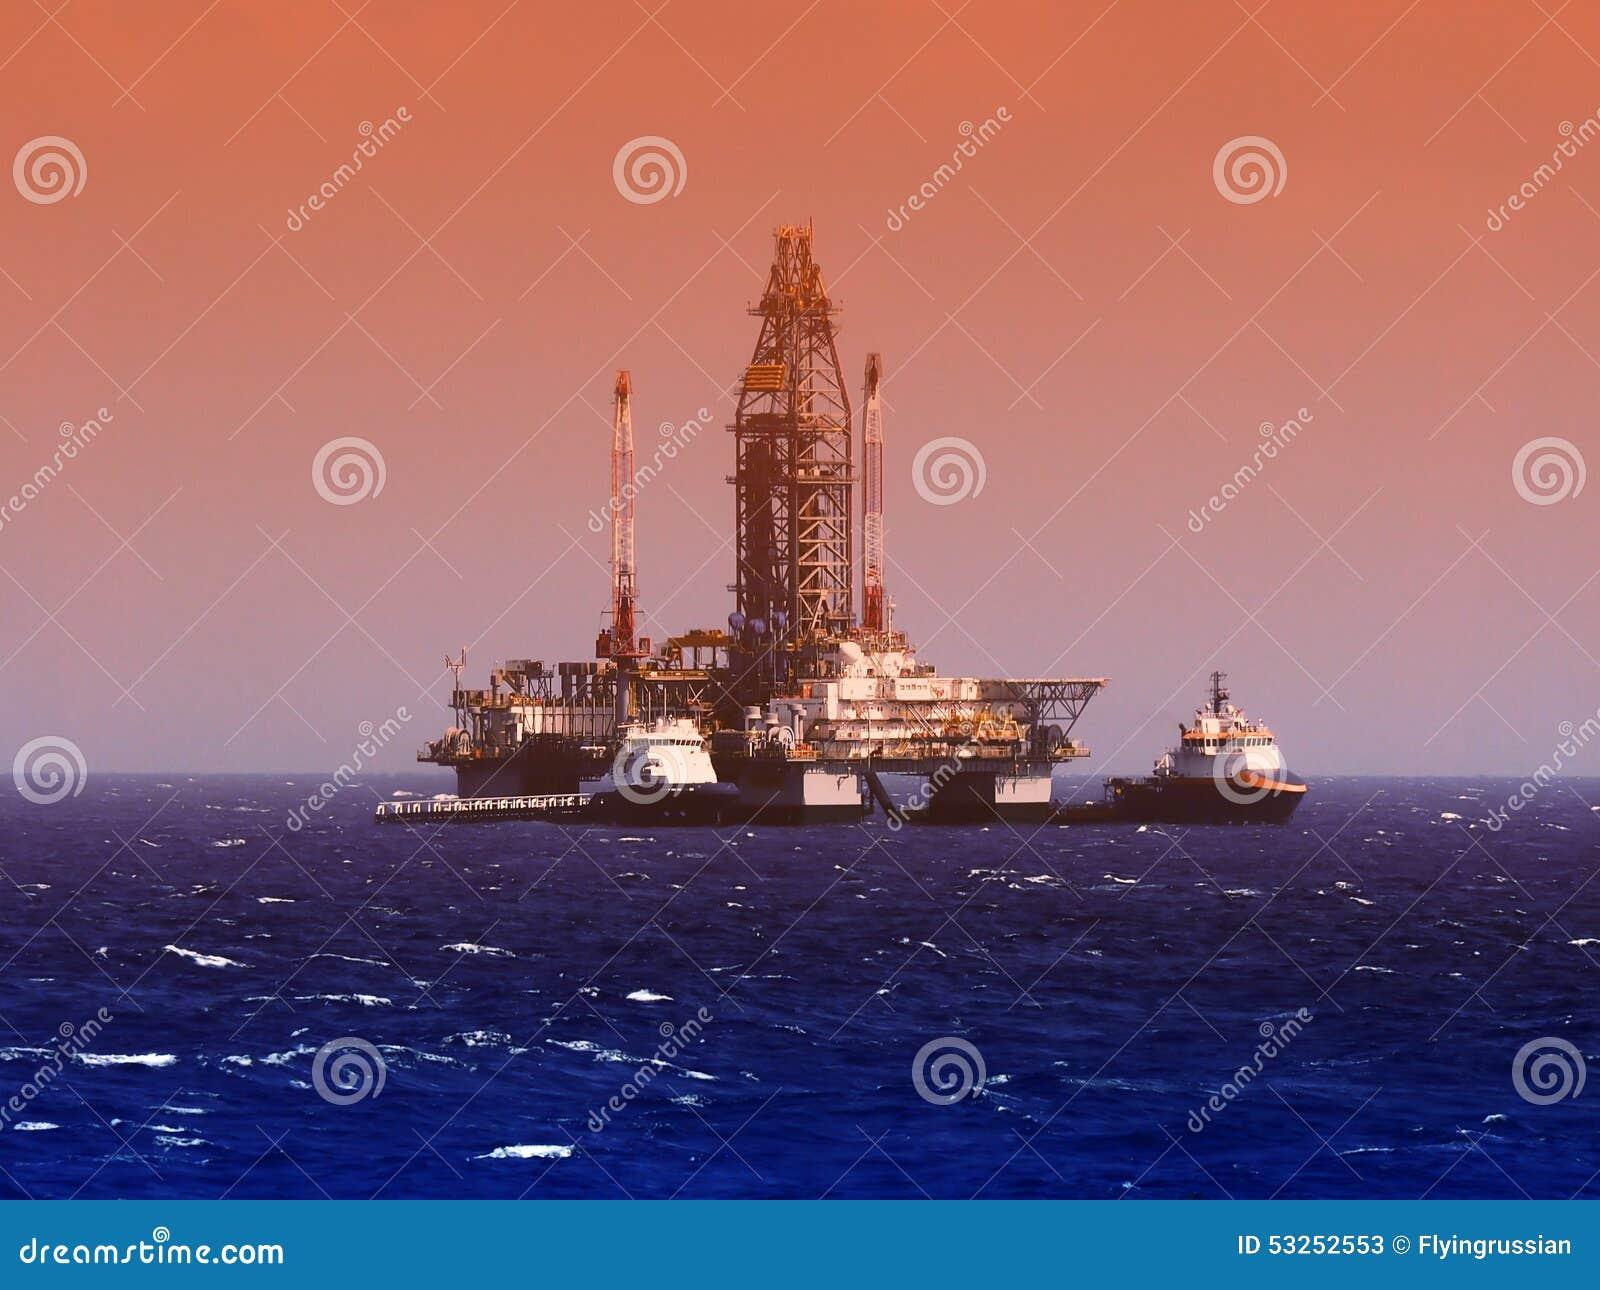 Παράκτια πλατφόρμα διατρήσεων πετρελαίου και φυσικού αερίου ή εγκατάσταση γεώτρησης, κόλπος του Μεξικού